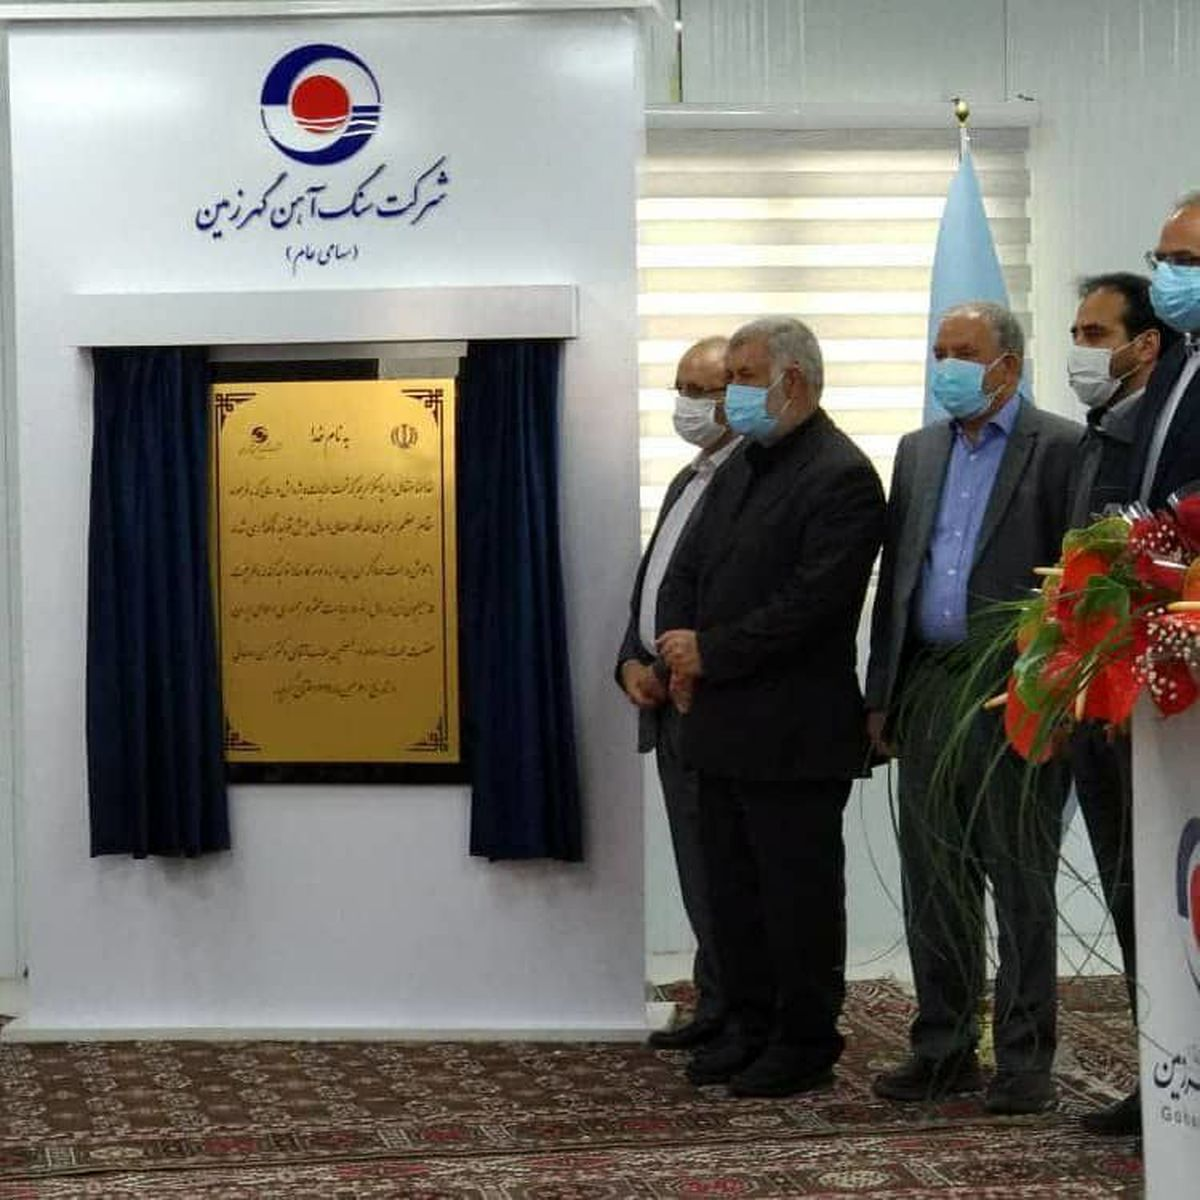 کارخانه گندله سازی گهرزمین با حضور ویدئو کنفرانسی رئیس جمهور افتتاح شد